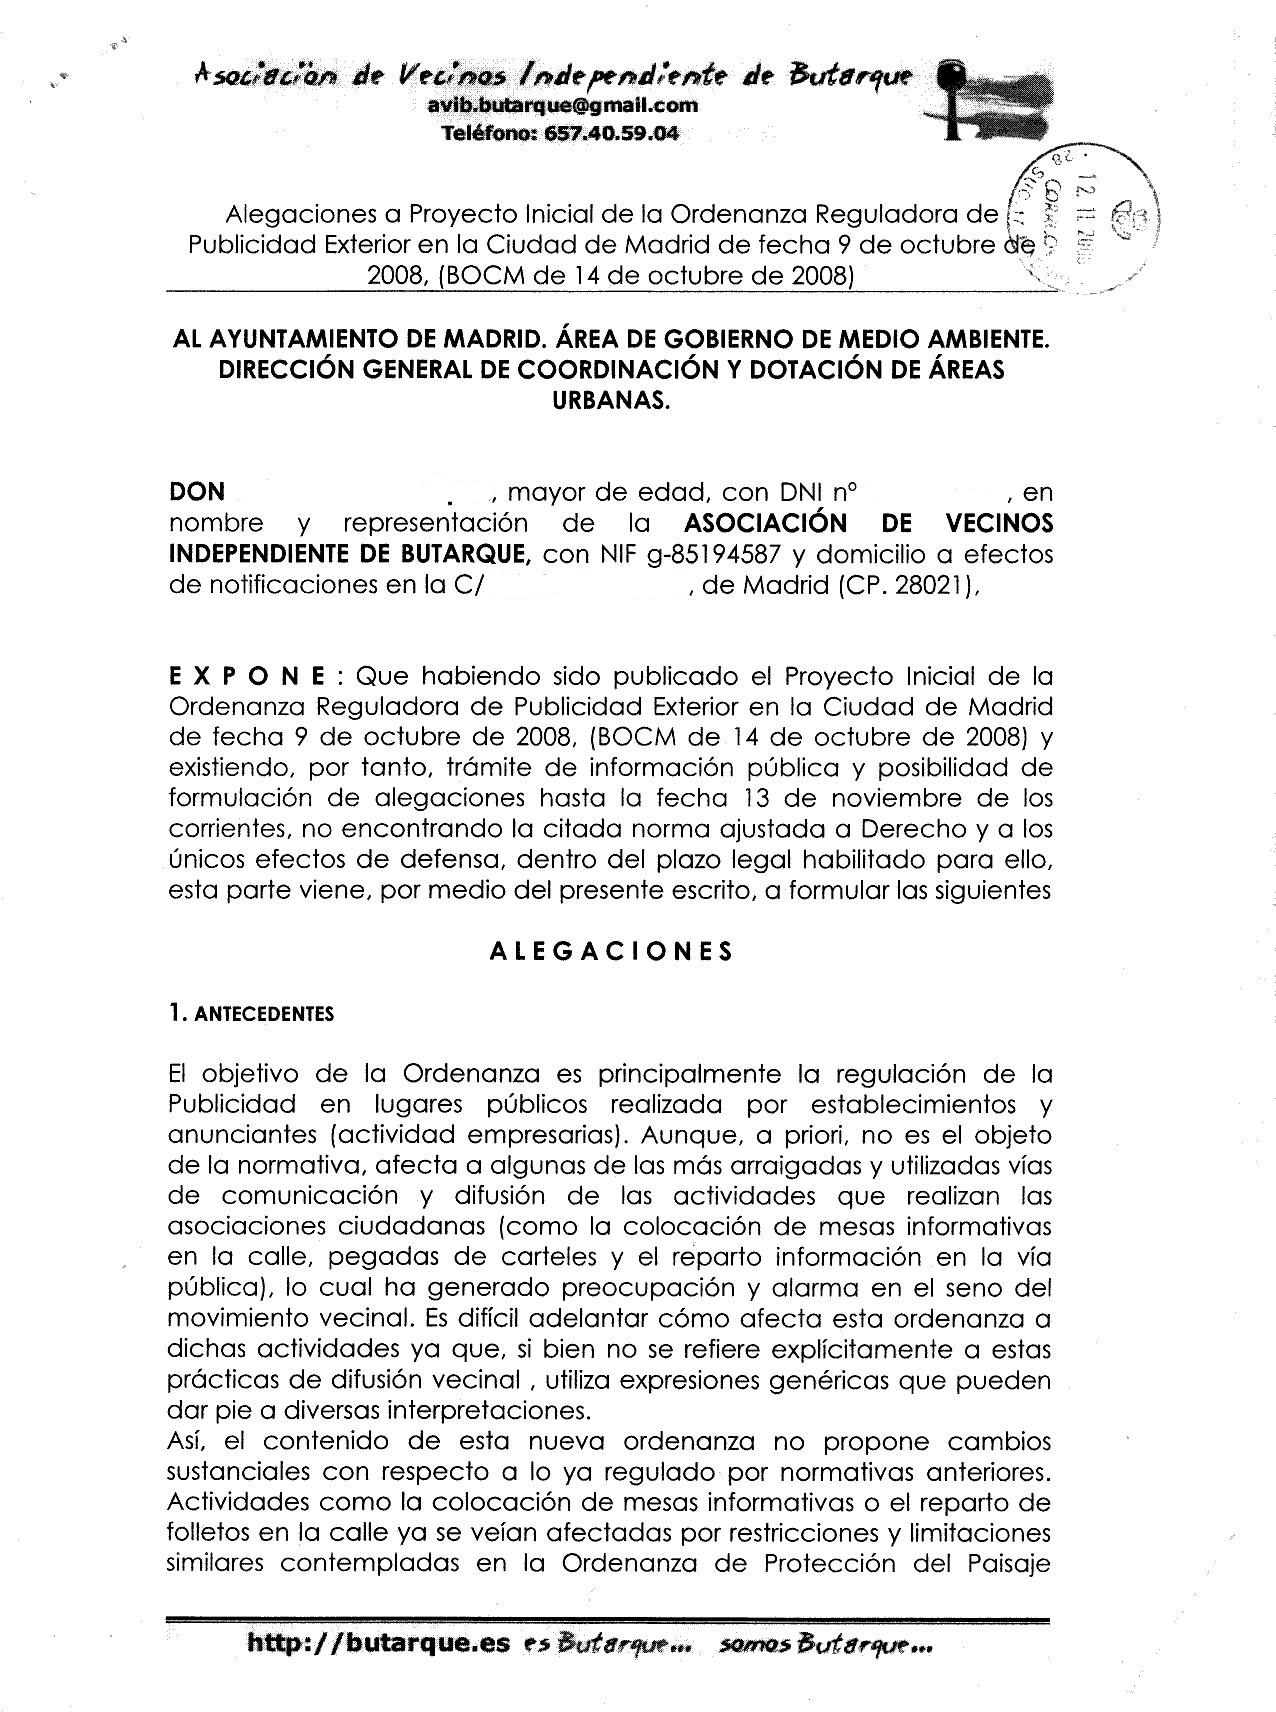 Alegaciones_ordenanza_publicidad_en_lugares_publicos.jpg